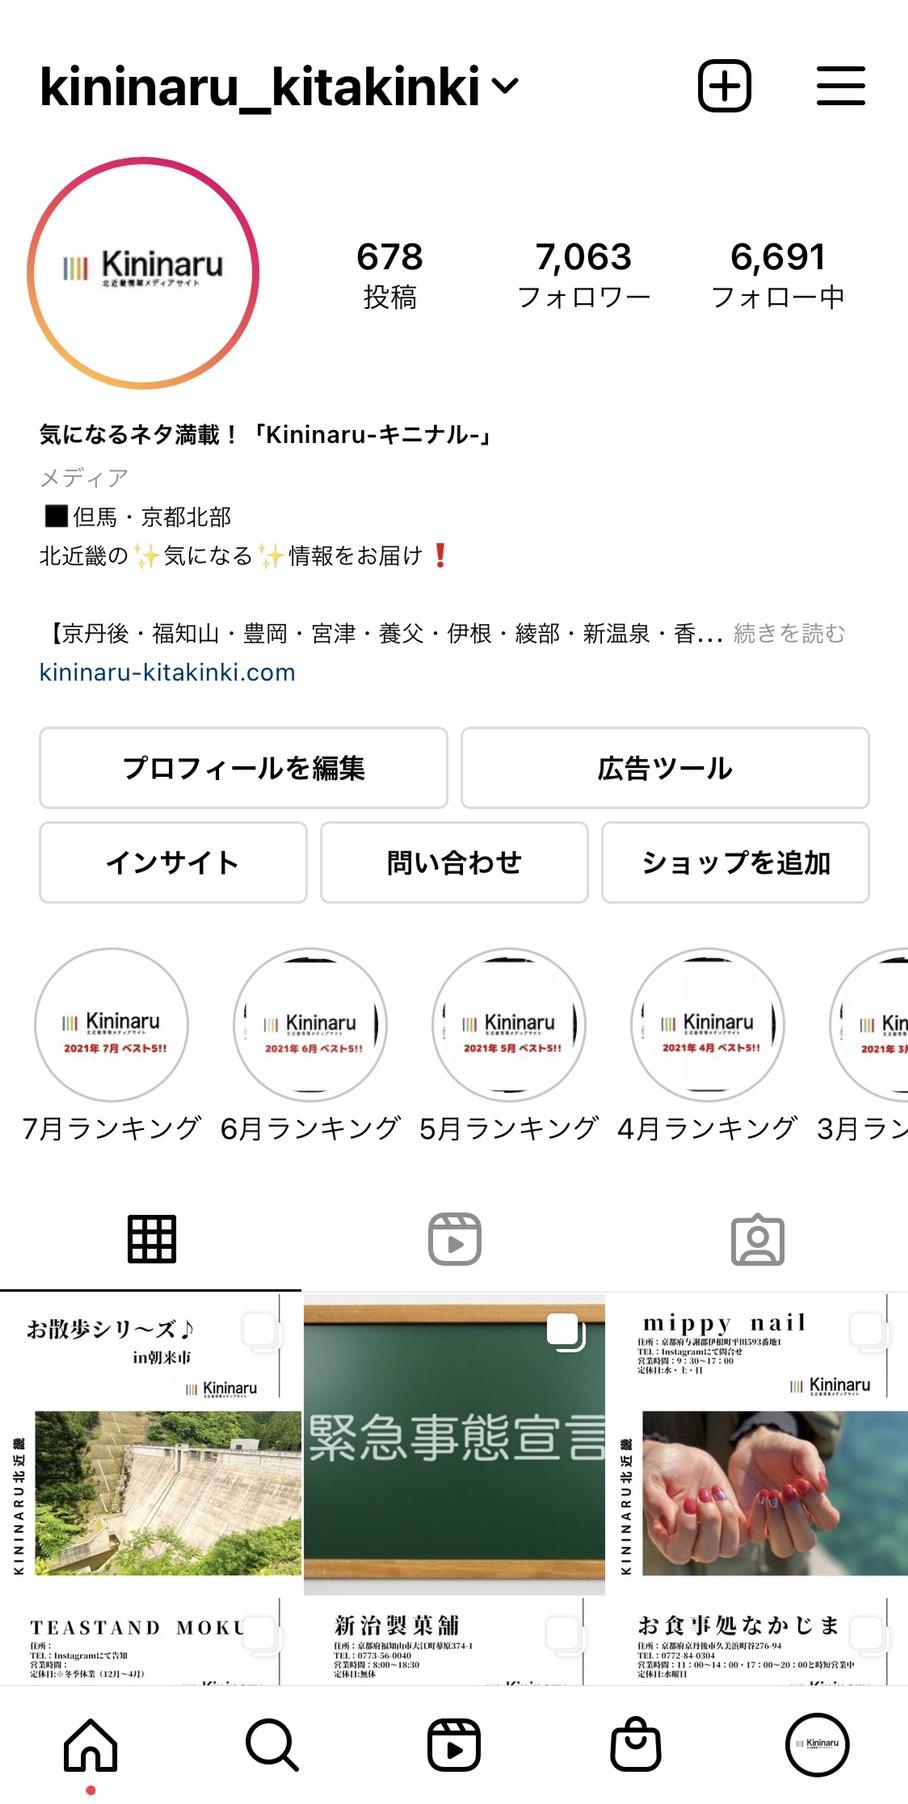 kininaru Instagramキャプチャ